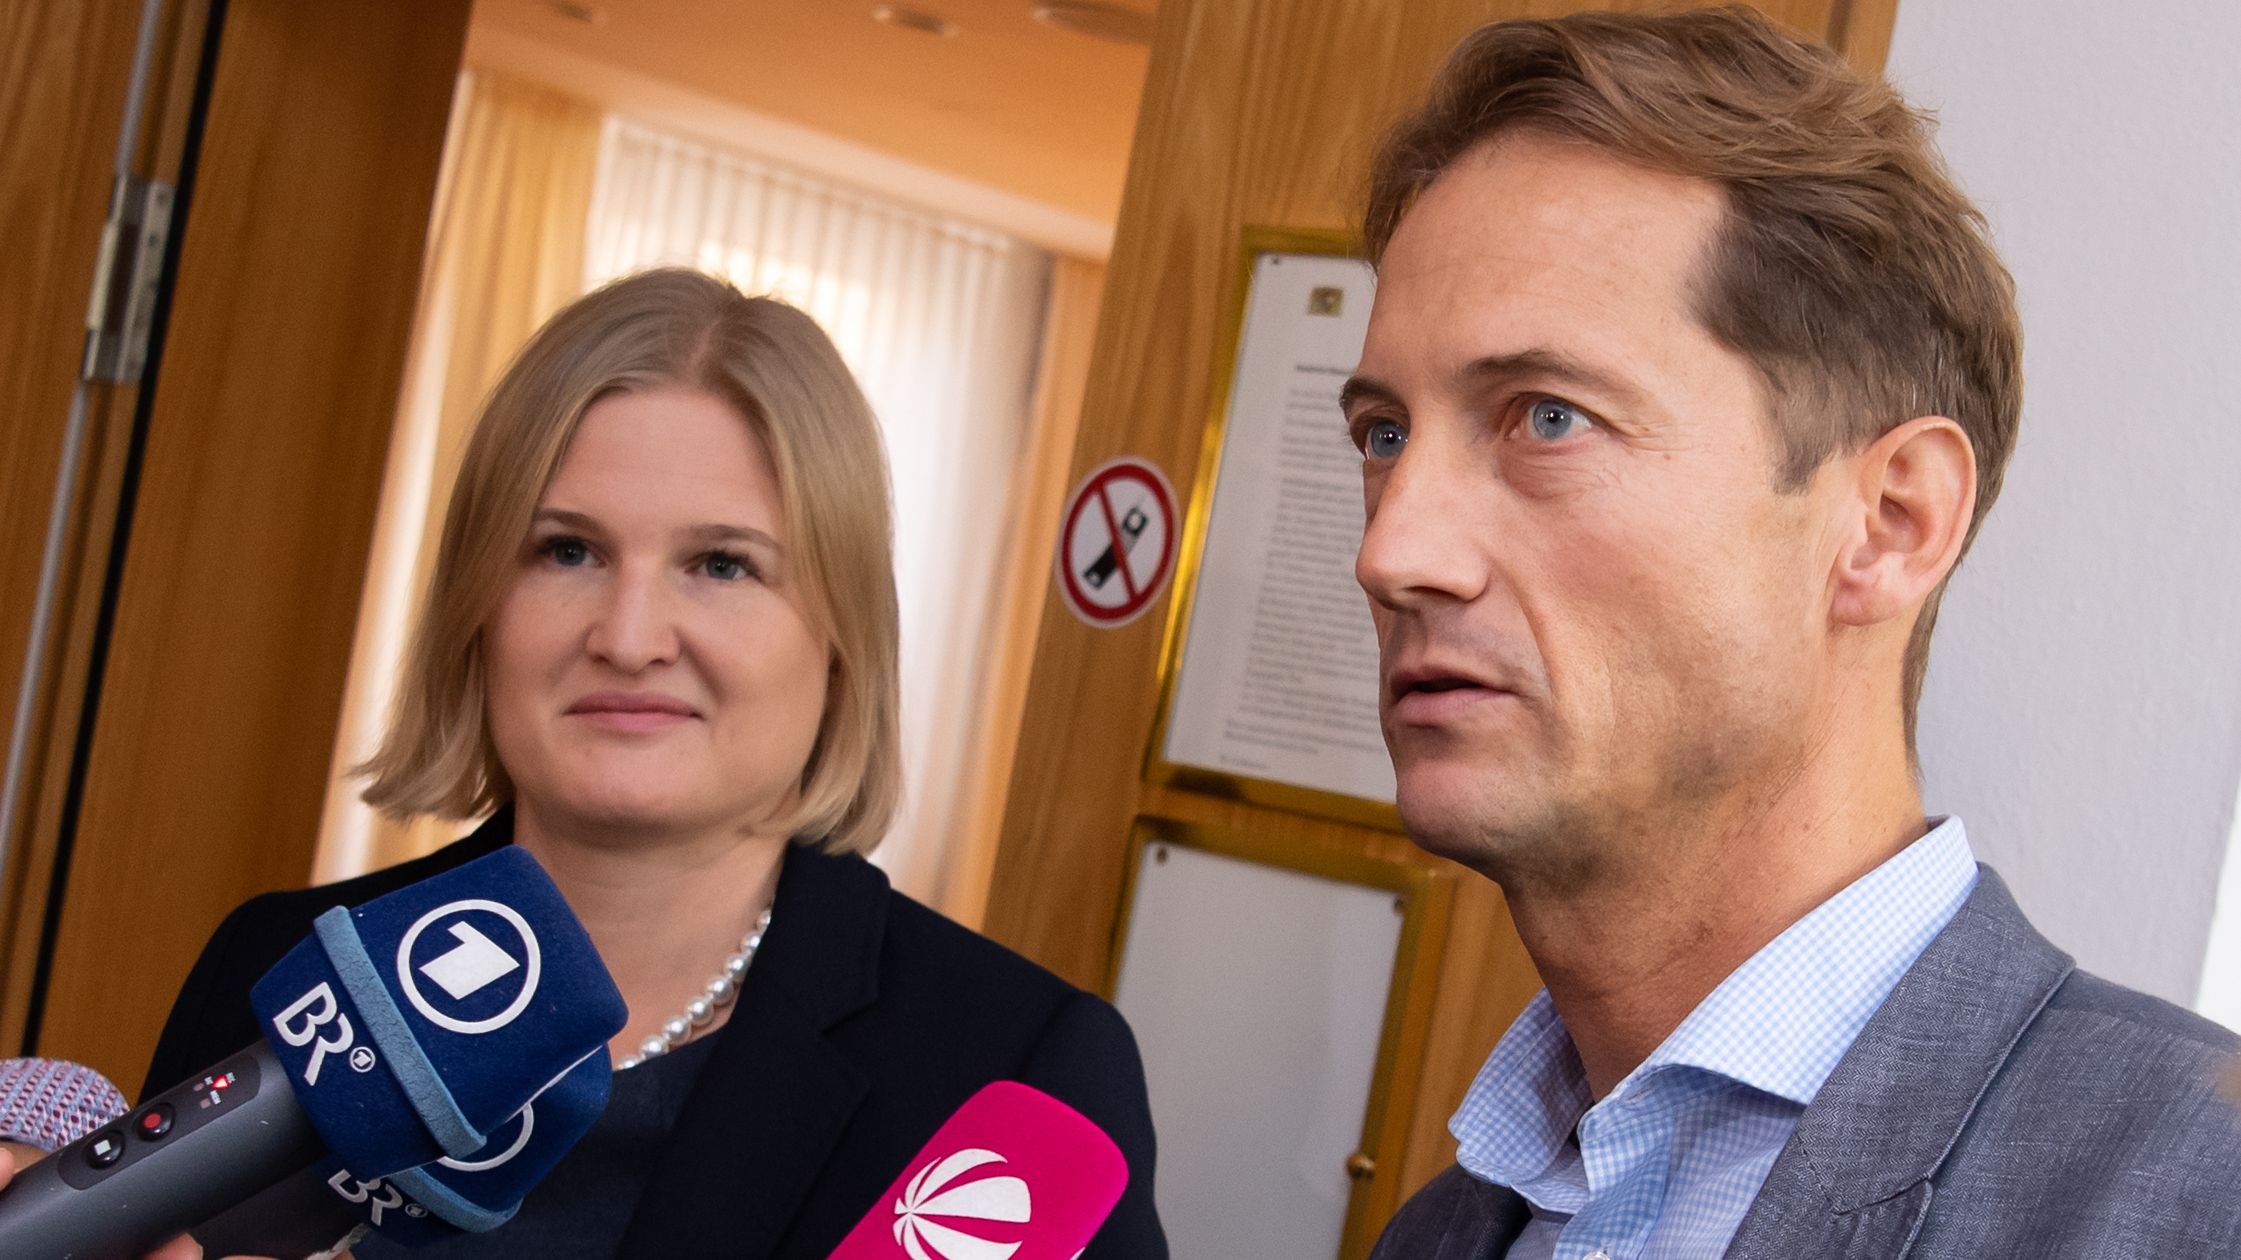 Die AfD-Fraktionschefs Katrin Ebner-Steiner (l.) und Ingo Hahn (r.) bei einer Fraktionssitzung am 27. September 2019 im Landtag